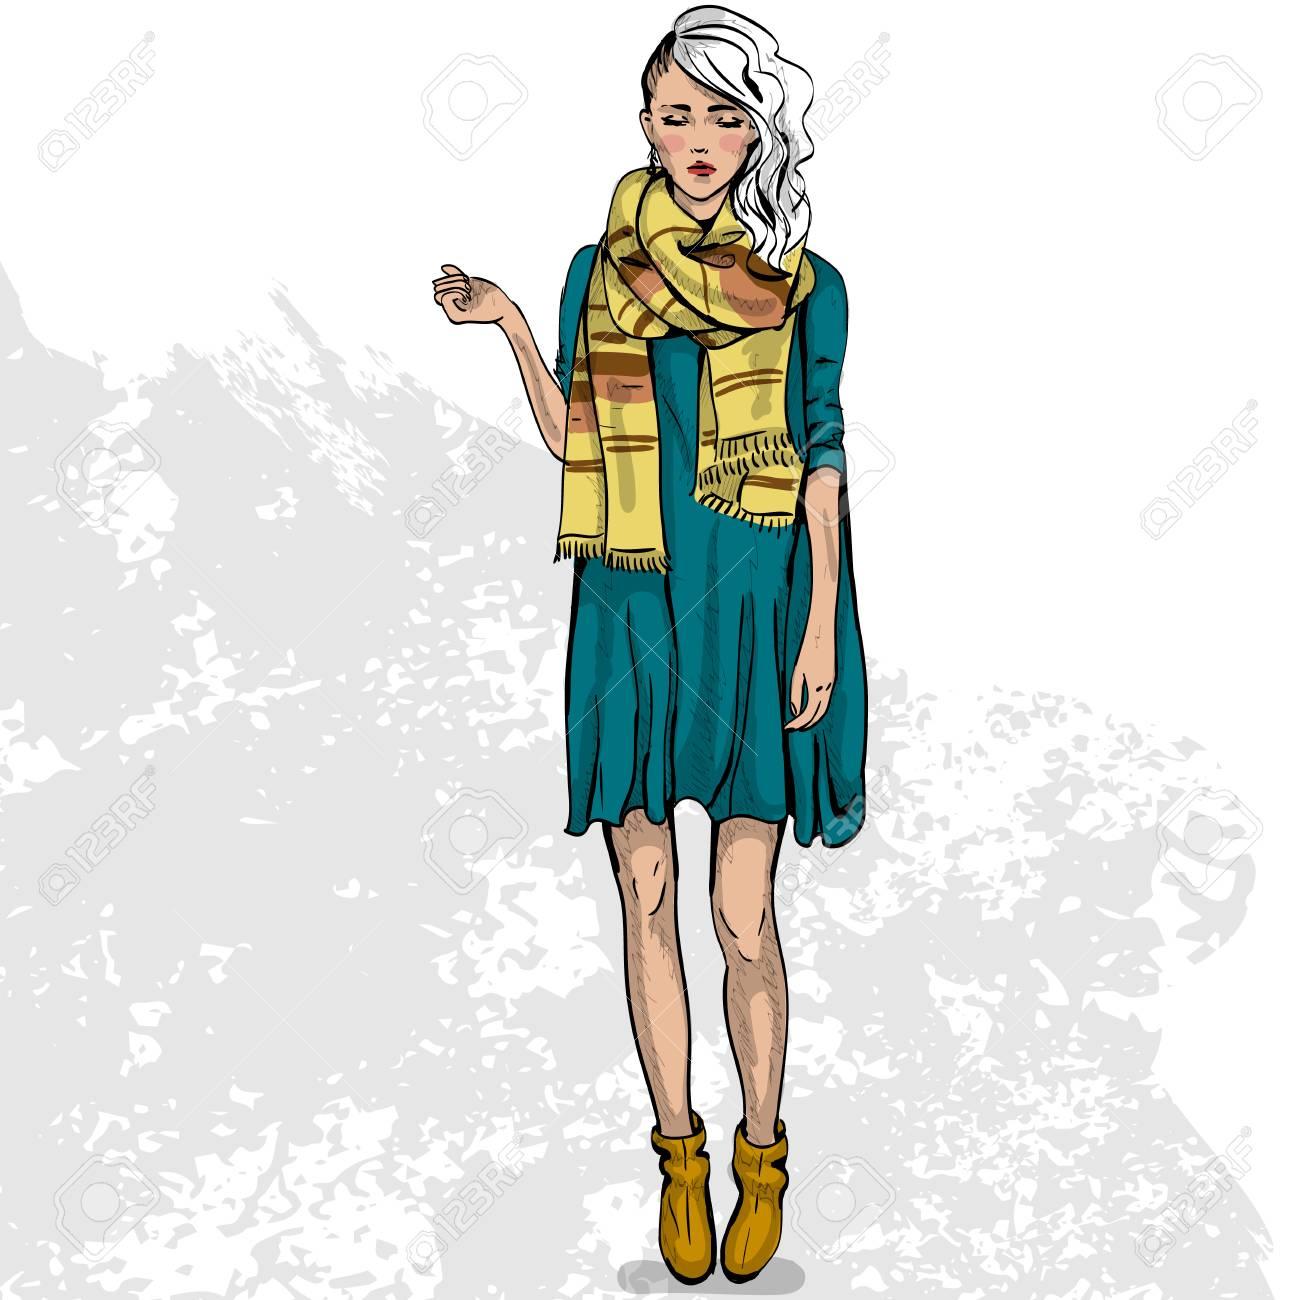 GroBartig Hohe Trendfarbe Blick .Glamor Stilvolle Schöne Junge Frau Modell. Helle  Bunte Tuch. Modestil